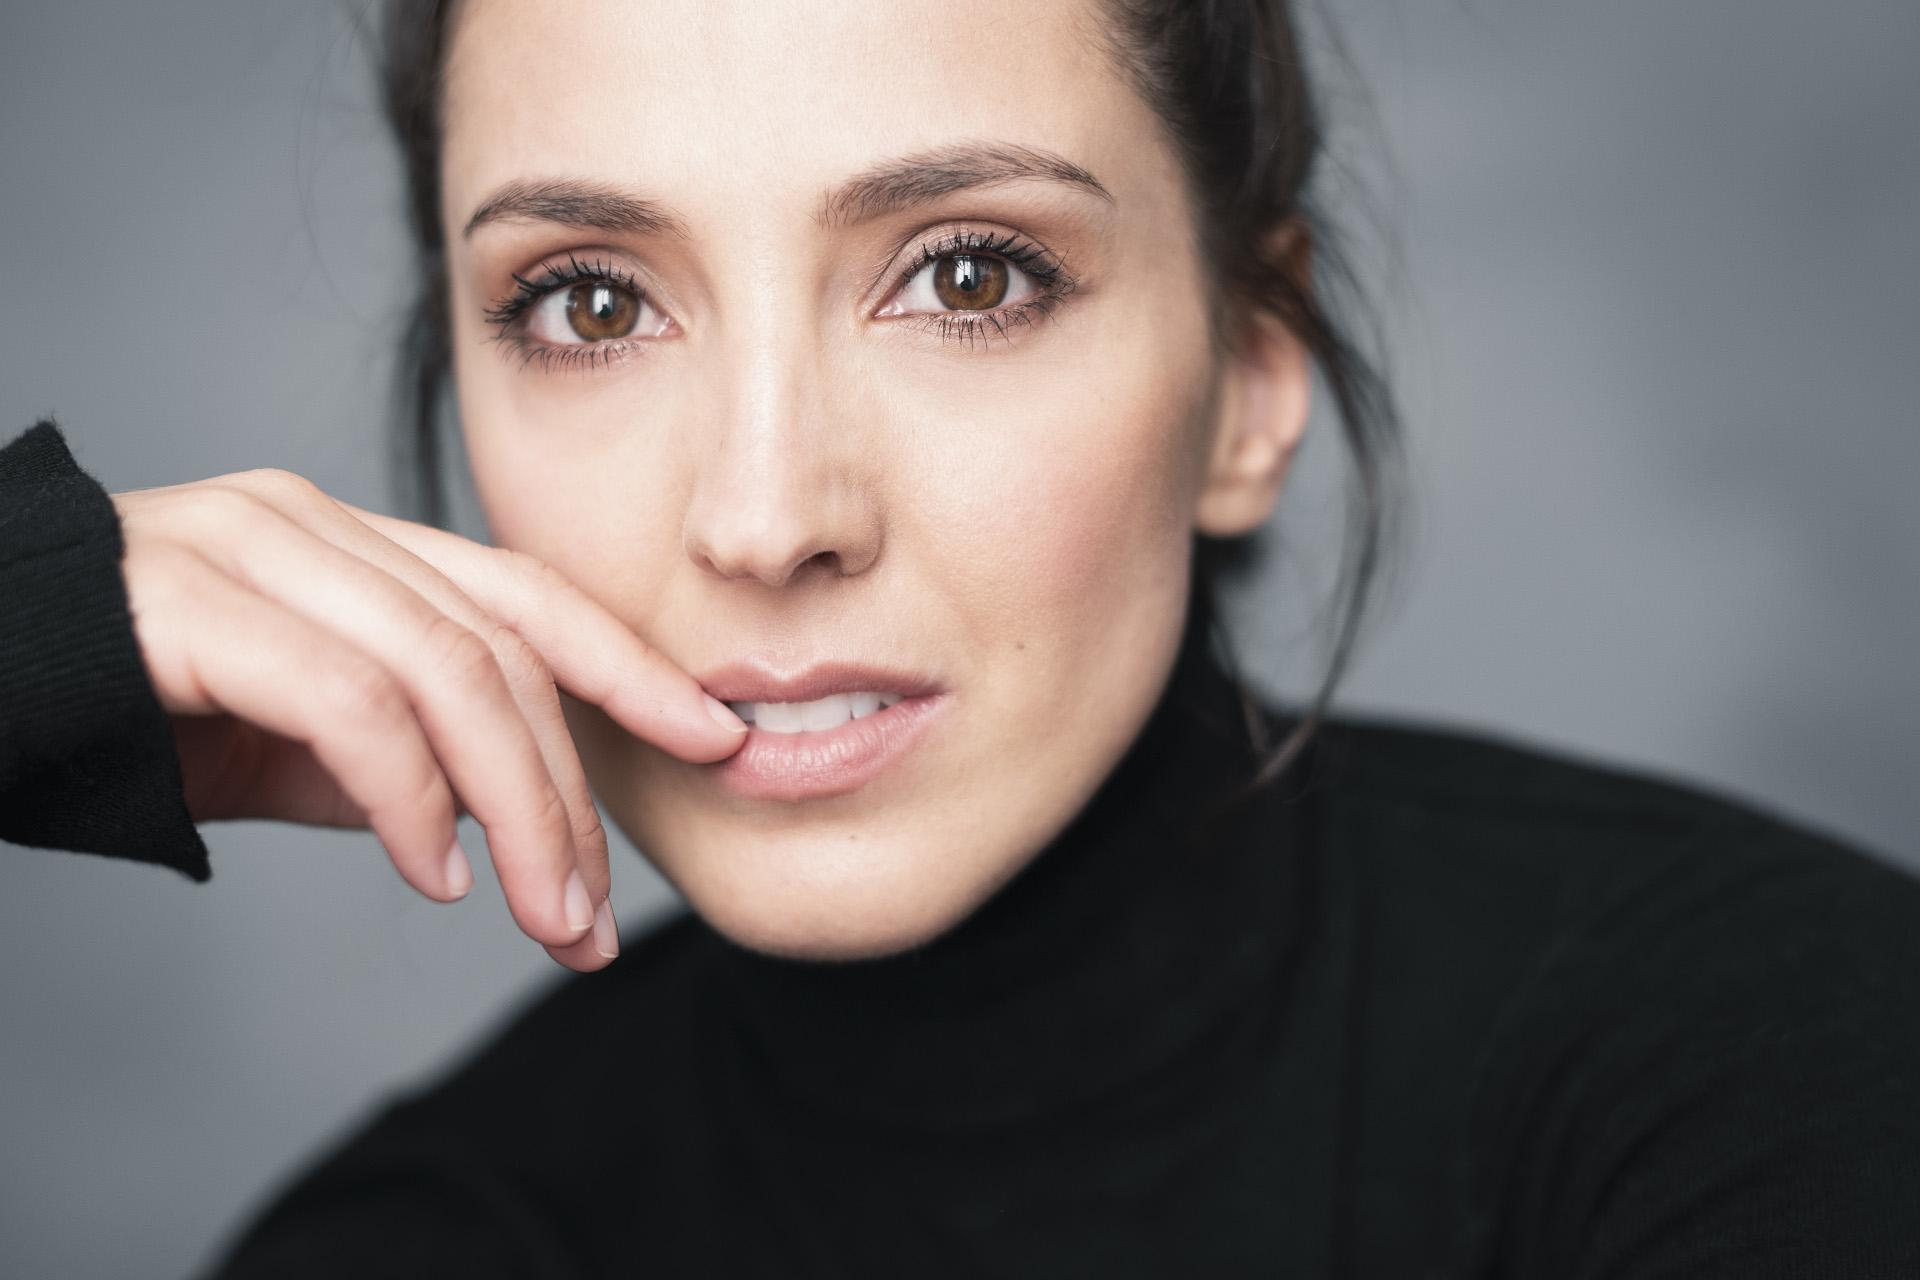 carolina lapausa actriz madrileña